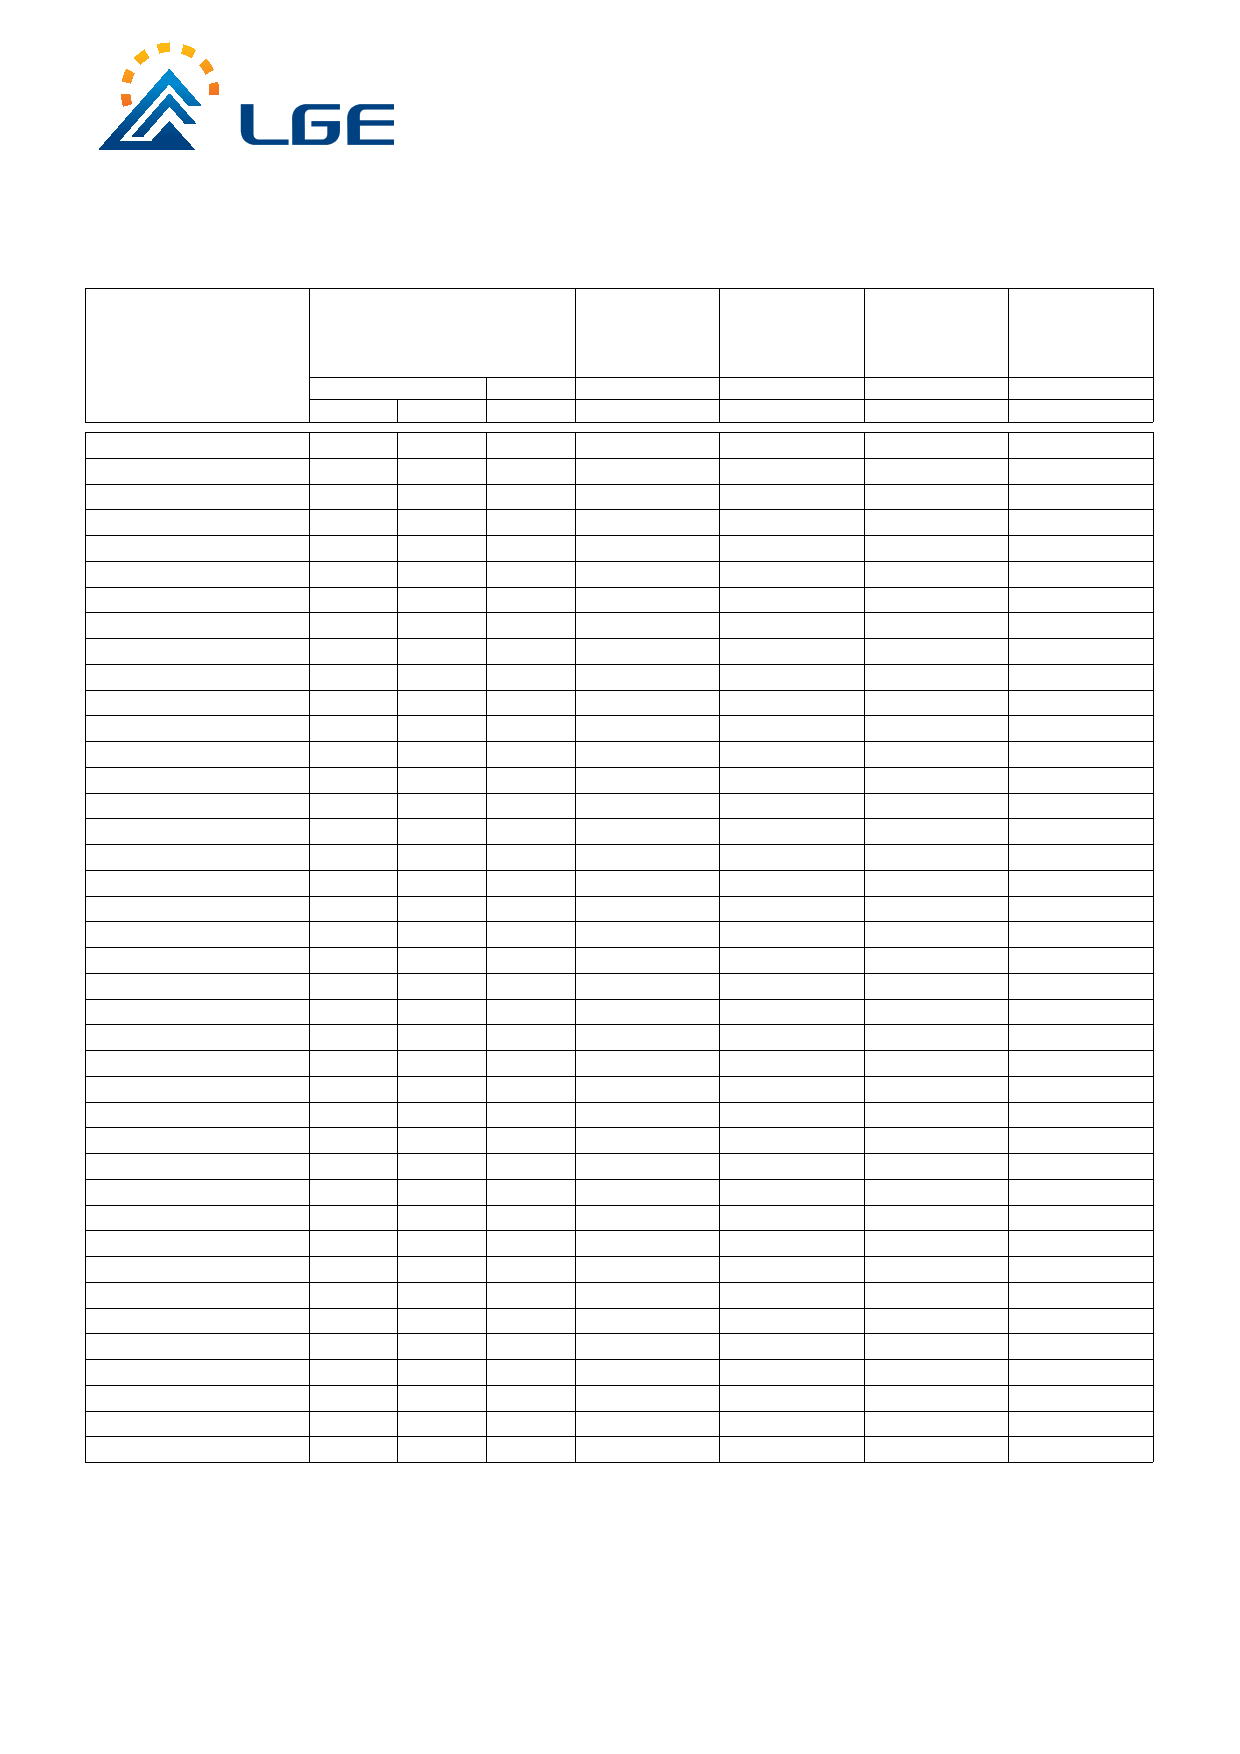 3.0SMCJ100C pdf, ピン配列